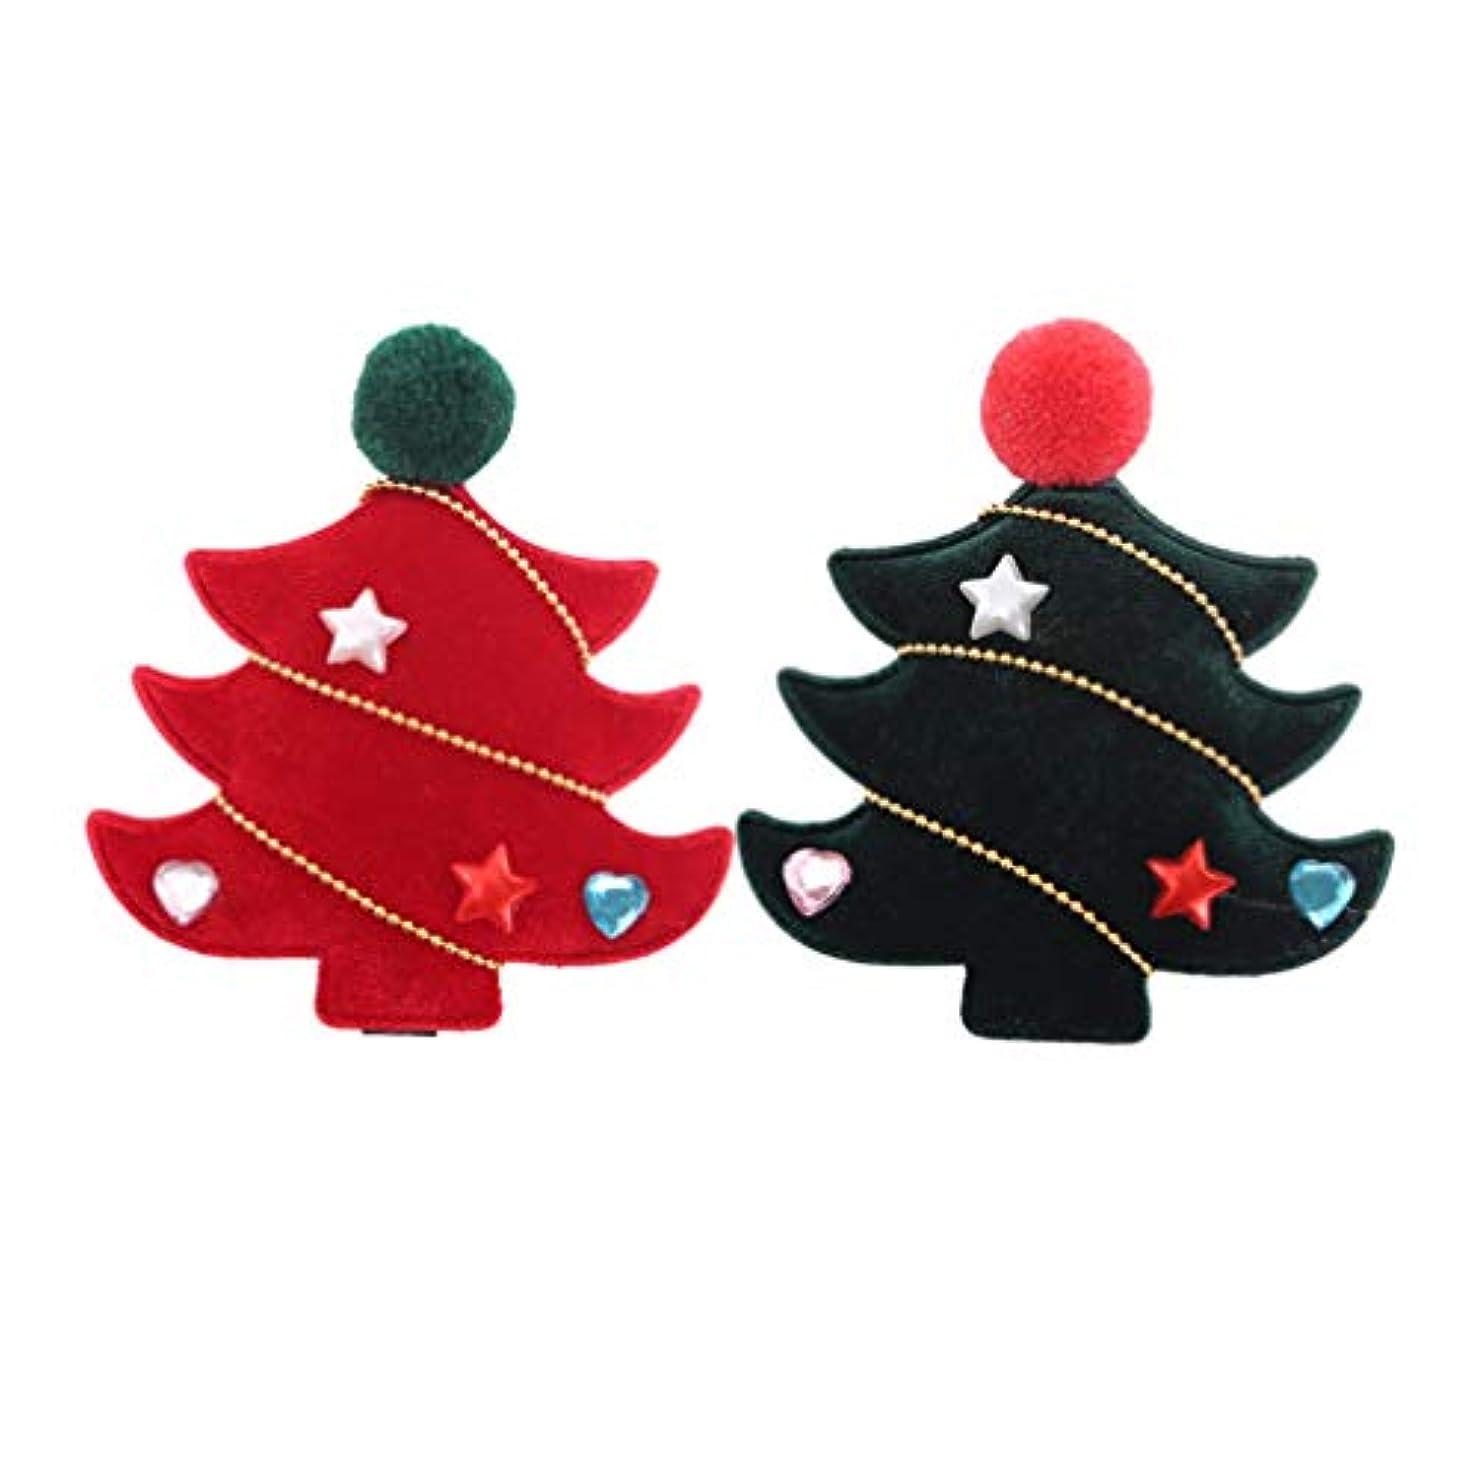 リーン地味な習慣SUPVOX 4ピースクリスマスツリーヘアクリップフランネルラブリークリスマスツリーヘアピンヘアアクセサリー用女の子キッズ子供